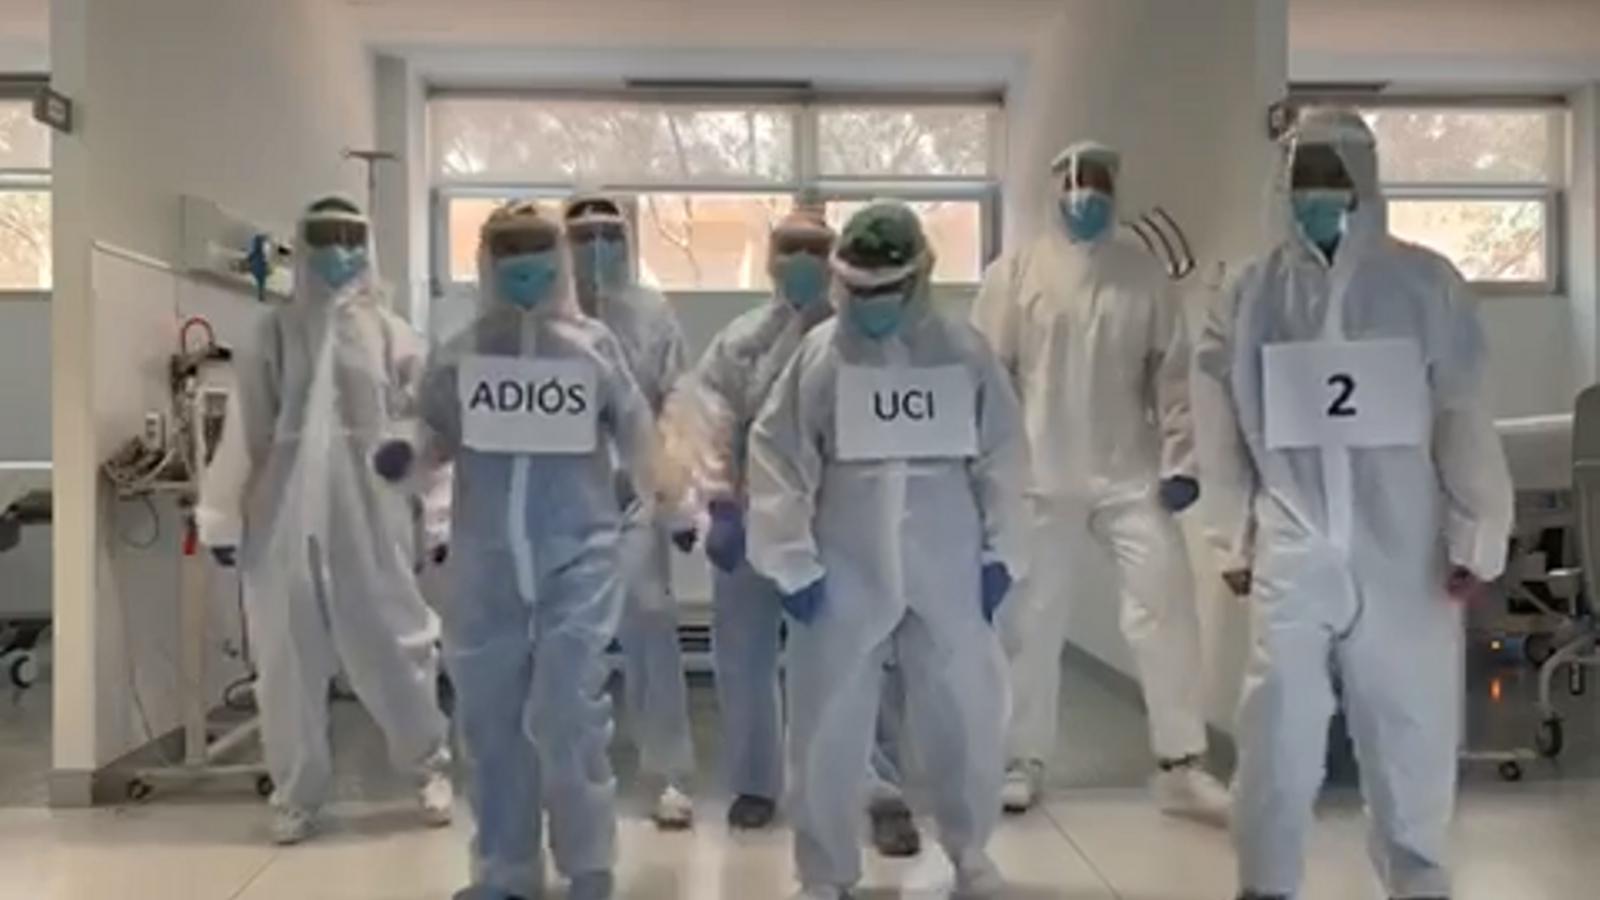 Ball dels treballadors de l'UCI 2 de l'hospital Mateu Orfila de Menorca